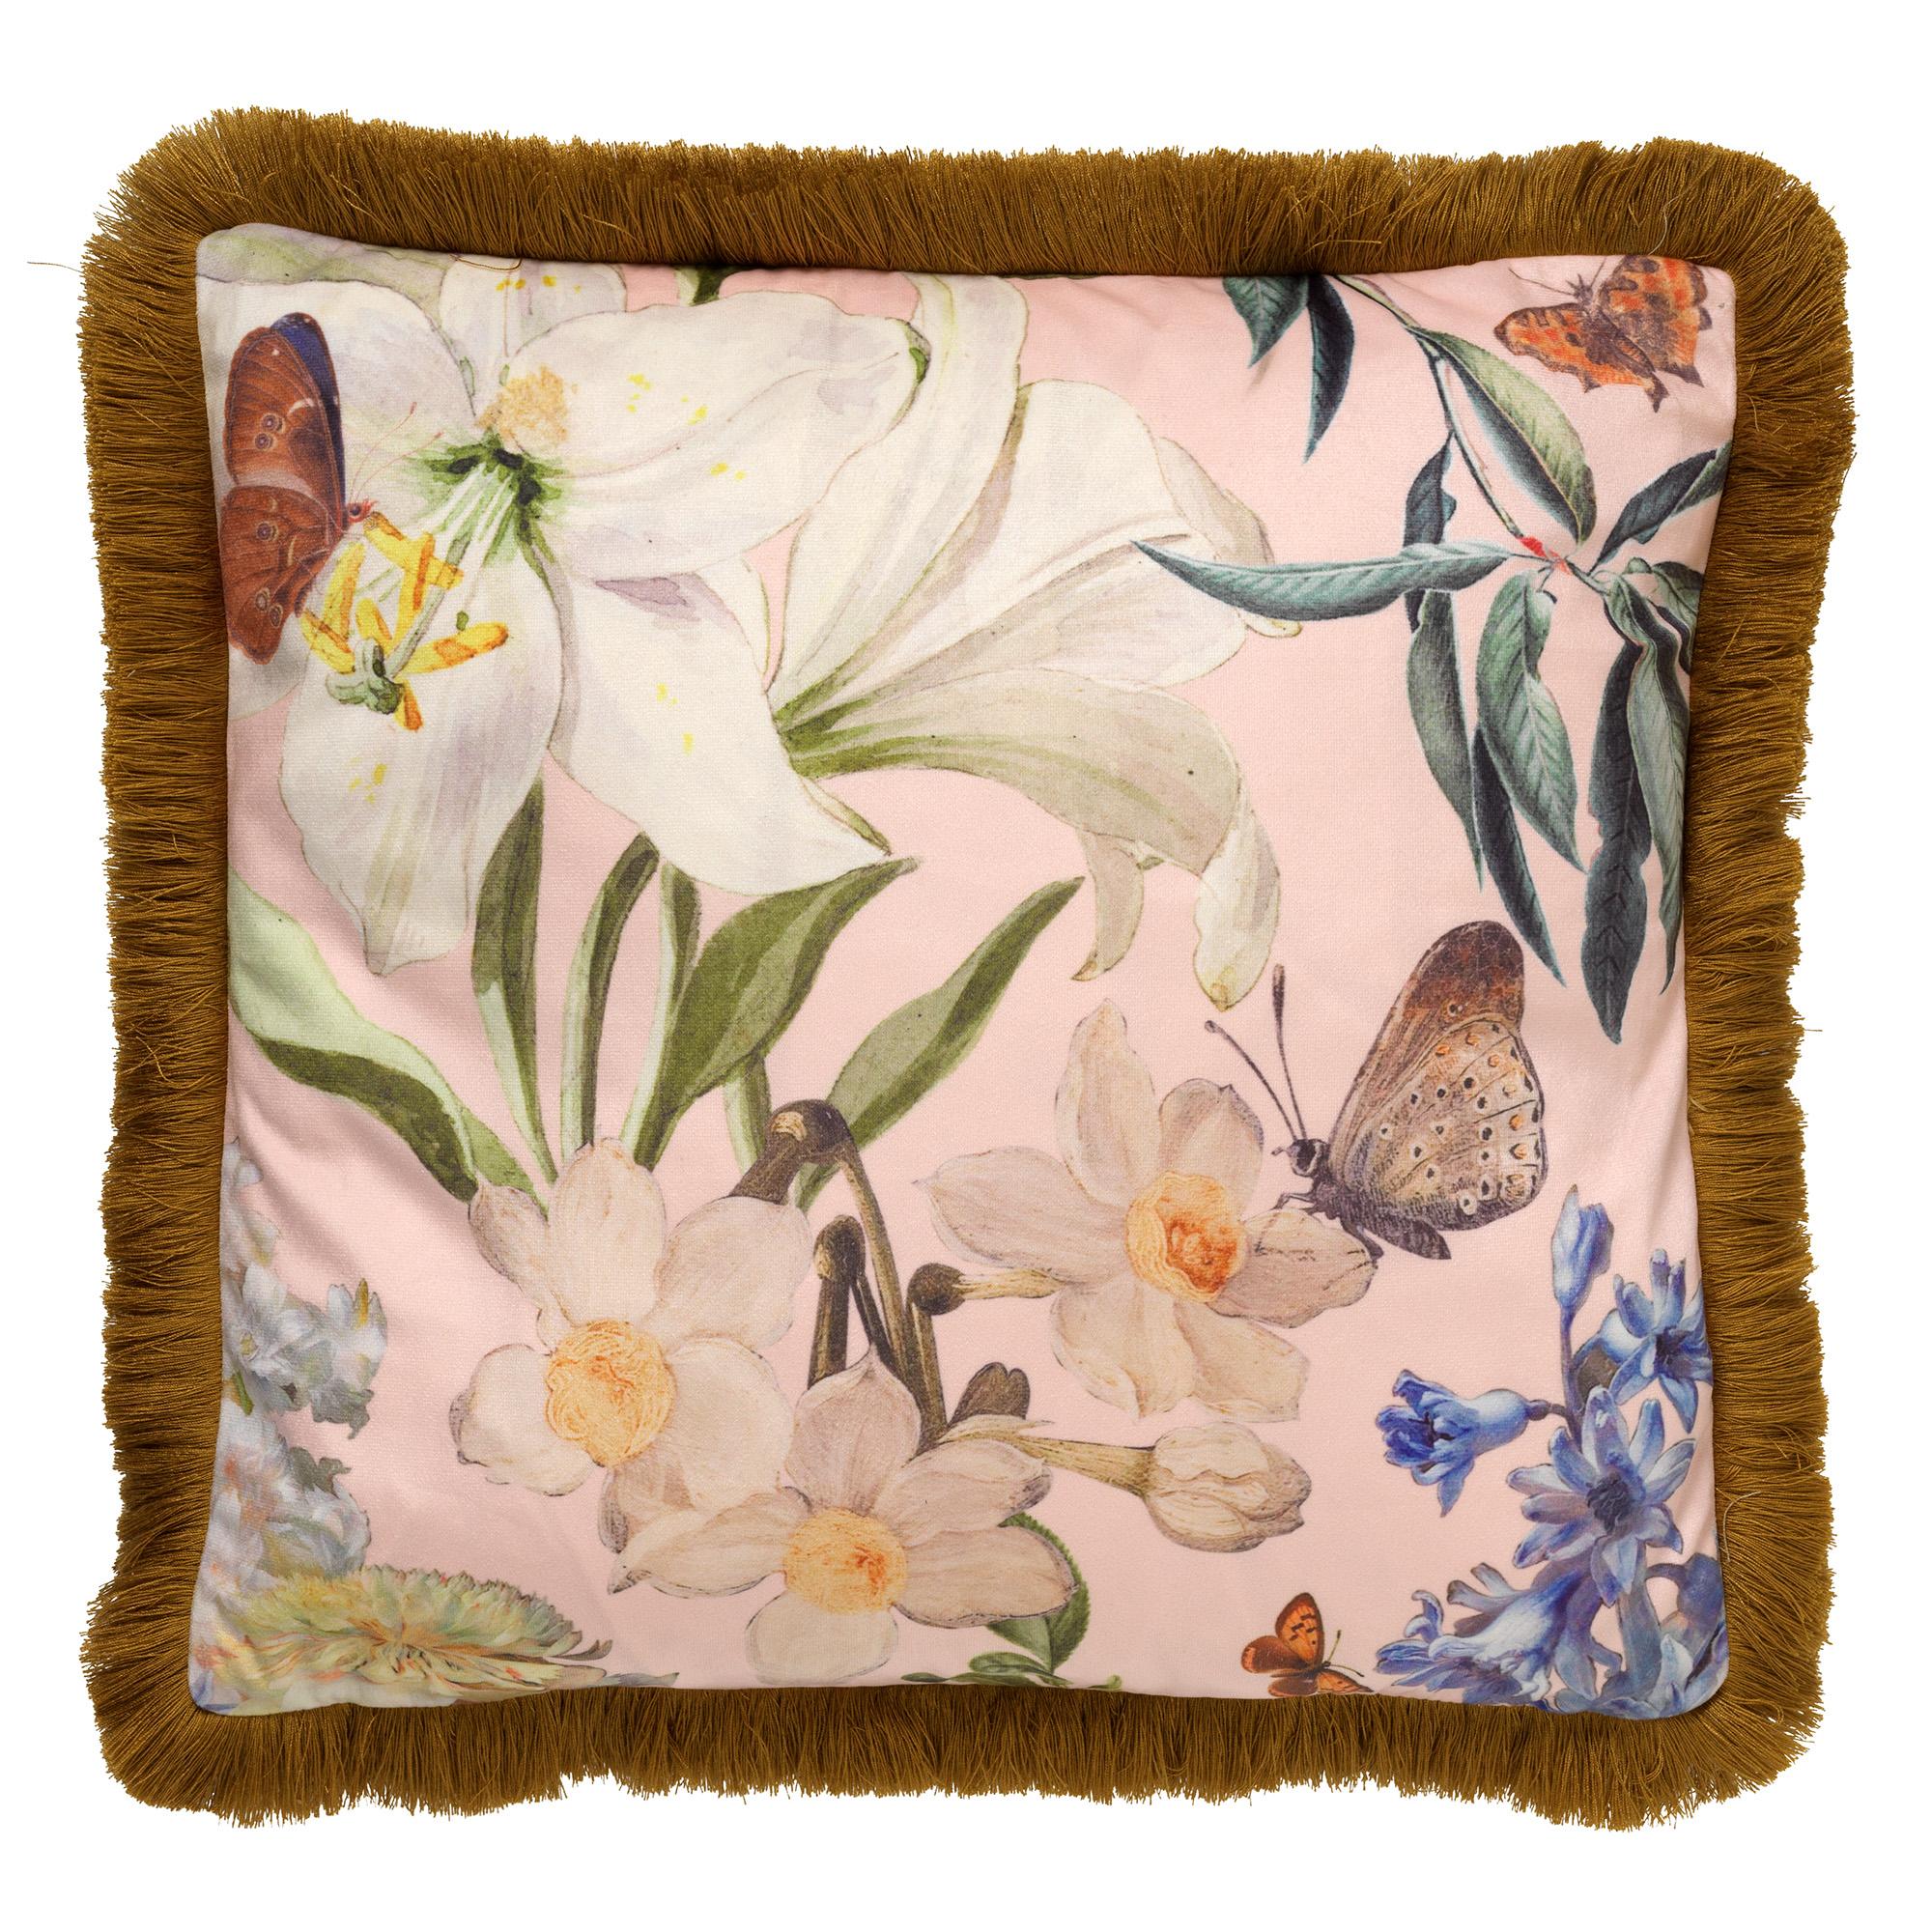 HANNA - Kussenhoes met bloemenpatroon Dusty Pink 45x45 cm